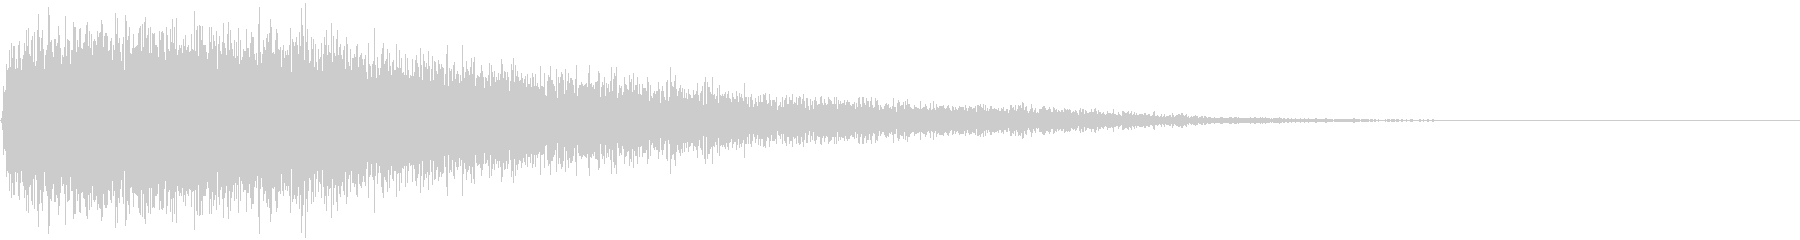 【衝撃音】SF_03 ドゴーンッッ!!の未再生の波形